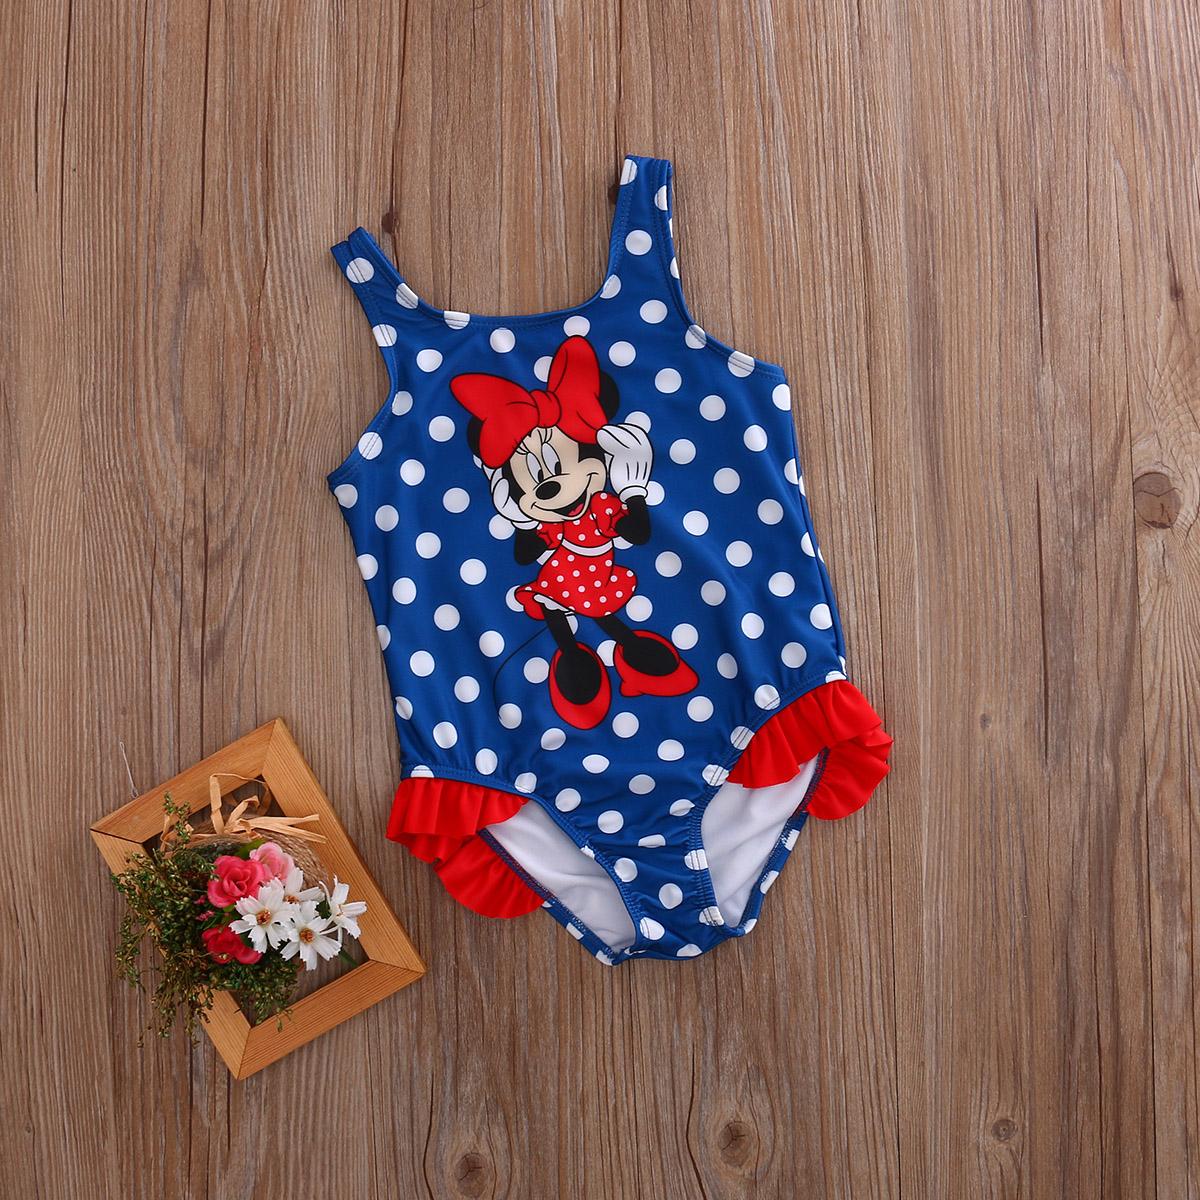 2017 Детский костюм, купальный костюм, купальный костюм в горошек, цельные костюмы для девочек, Танкини с рисунком мышки, От 1 до 5 лет для малыш... 14